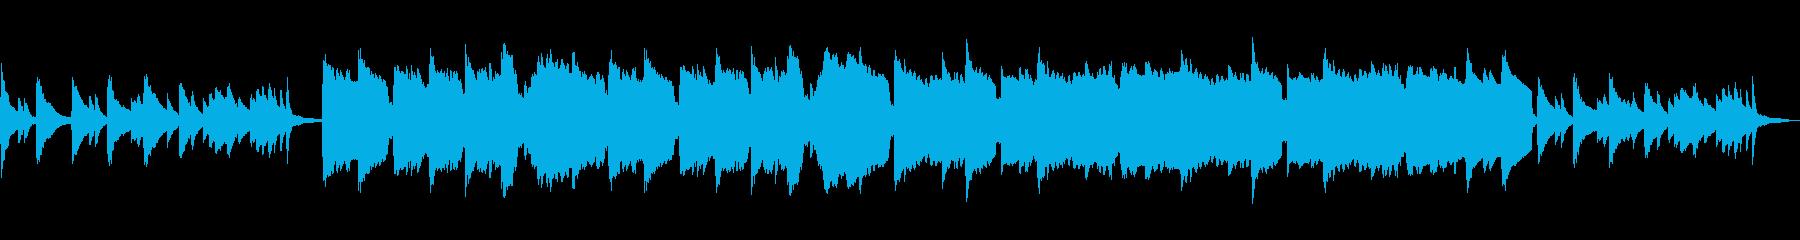 ピアノと笛の優しく切ない曲の再生済みの波形